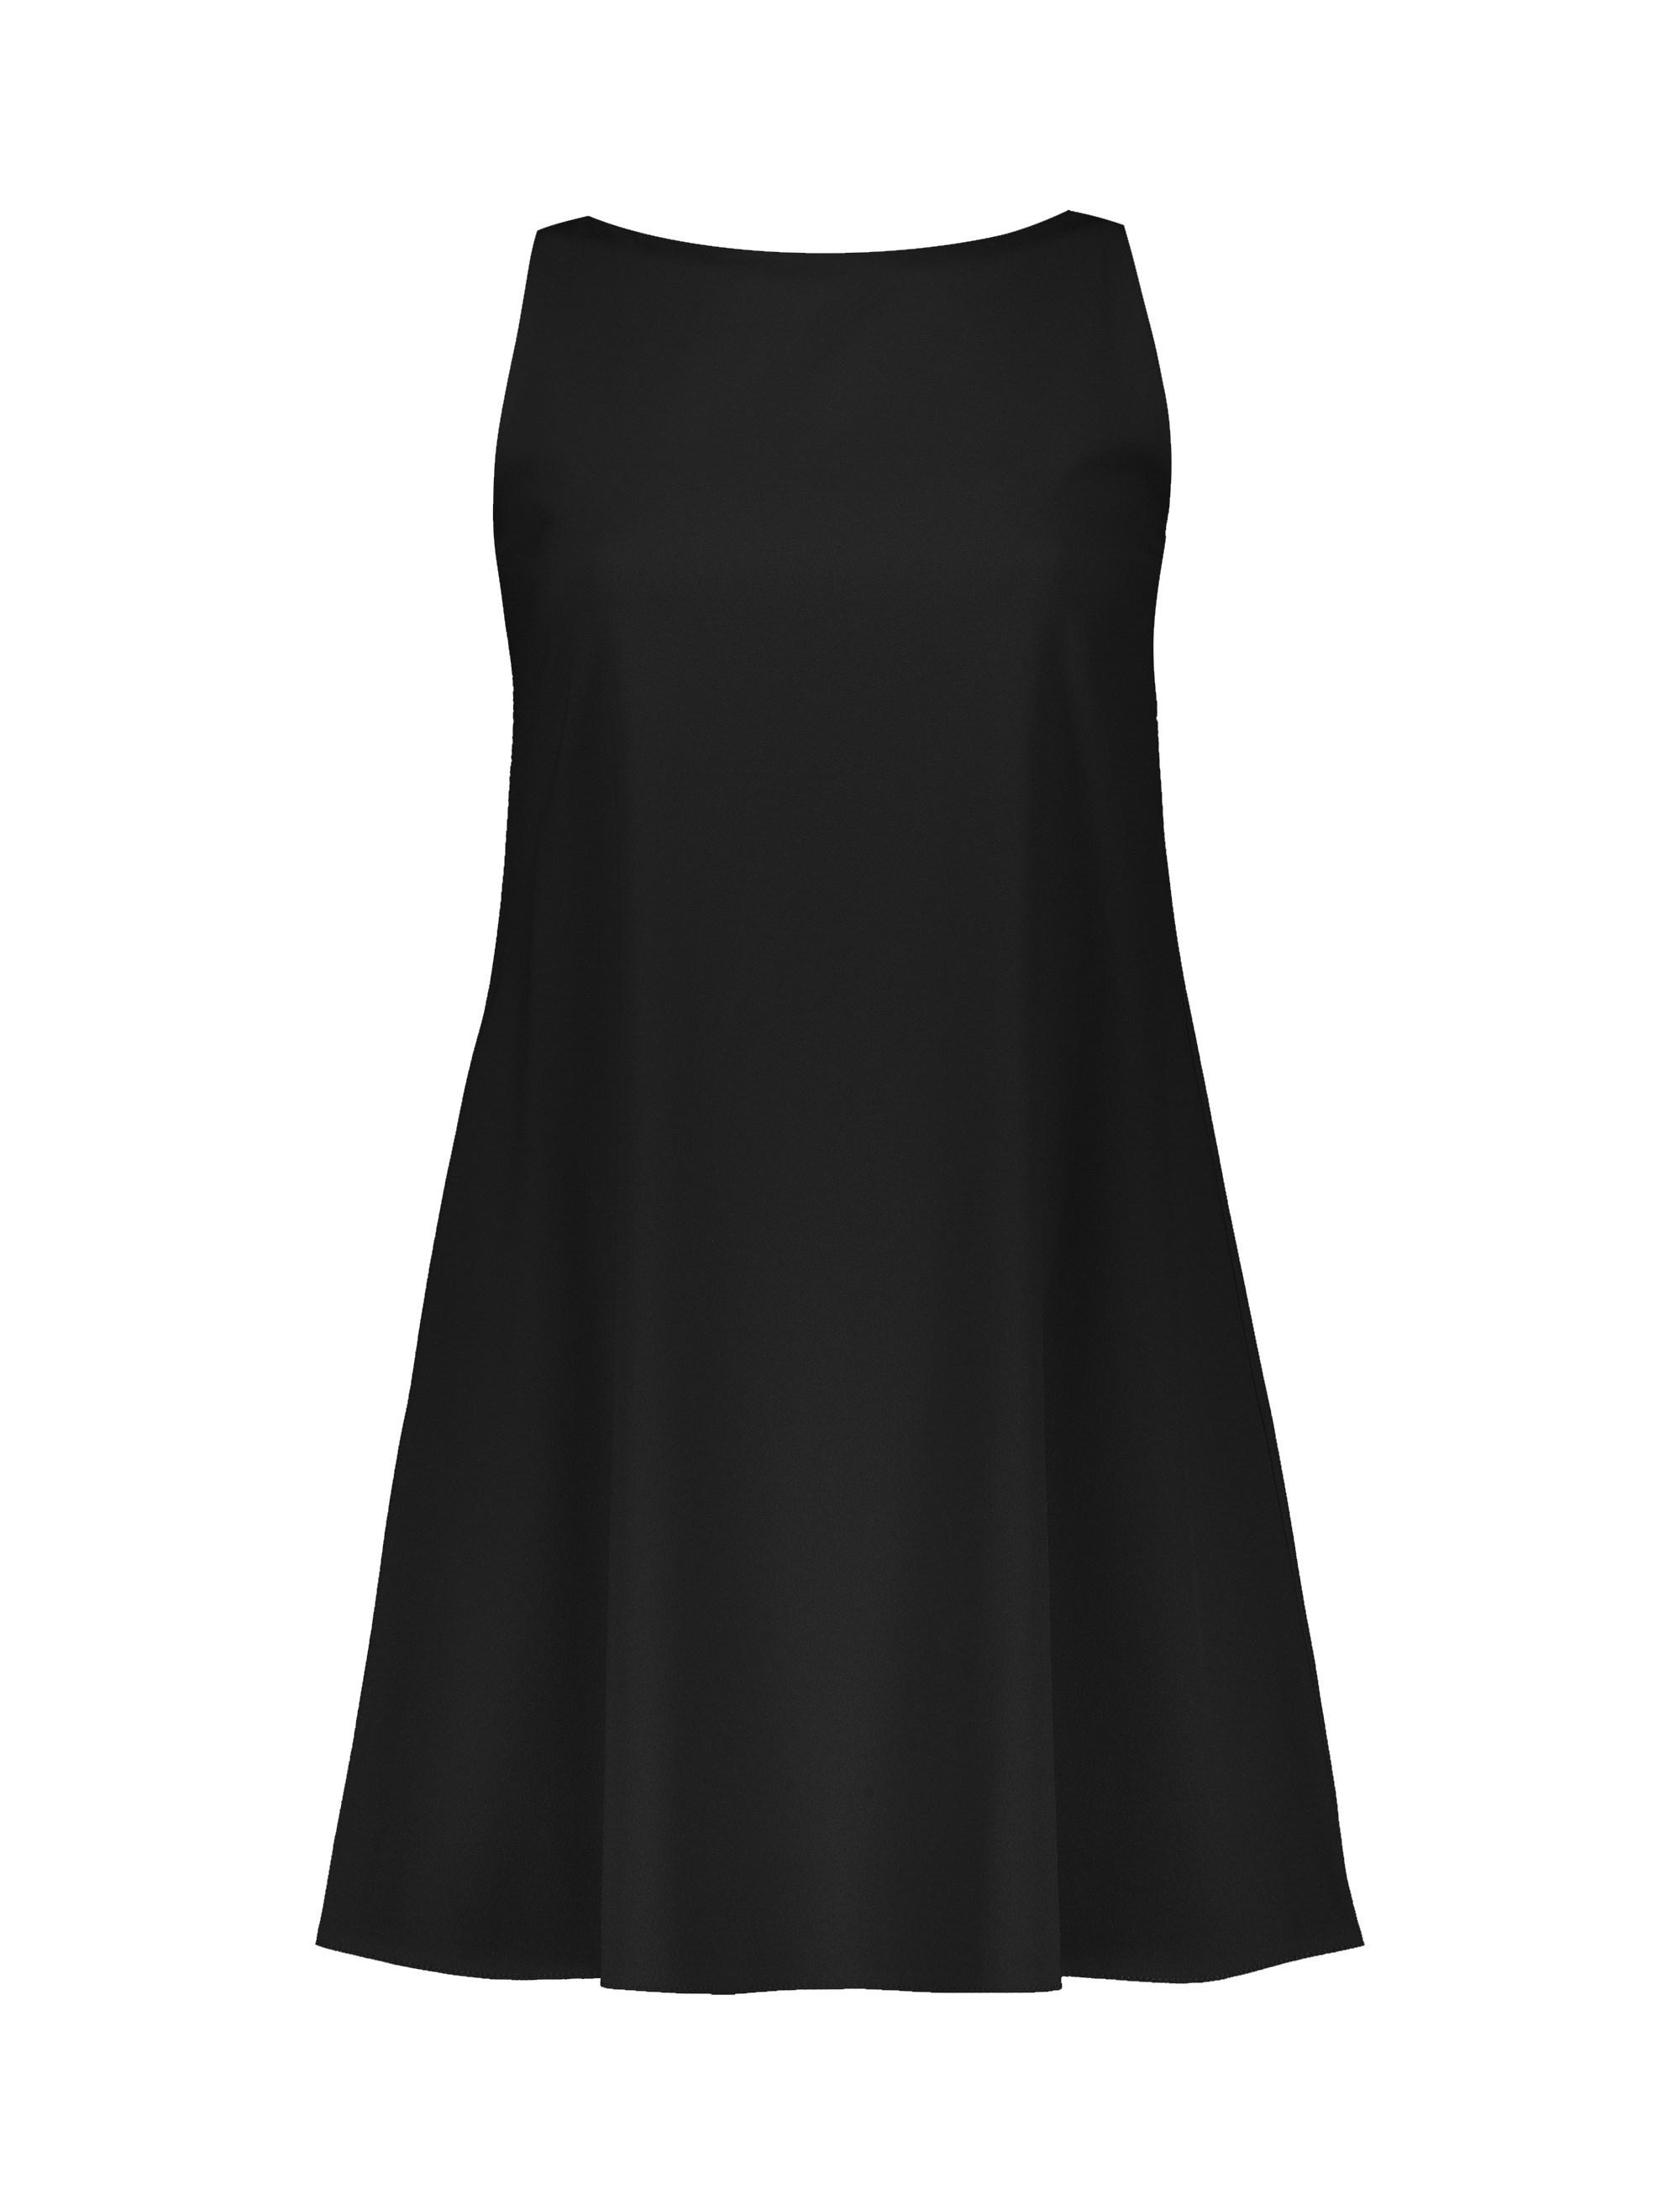 پیراهن کوتاه زنانه - زیبو